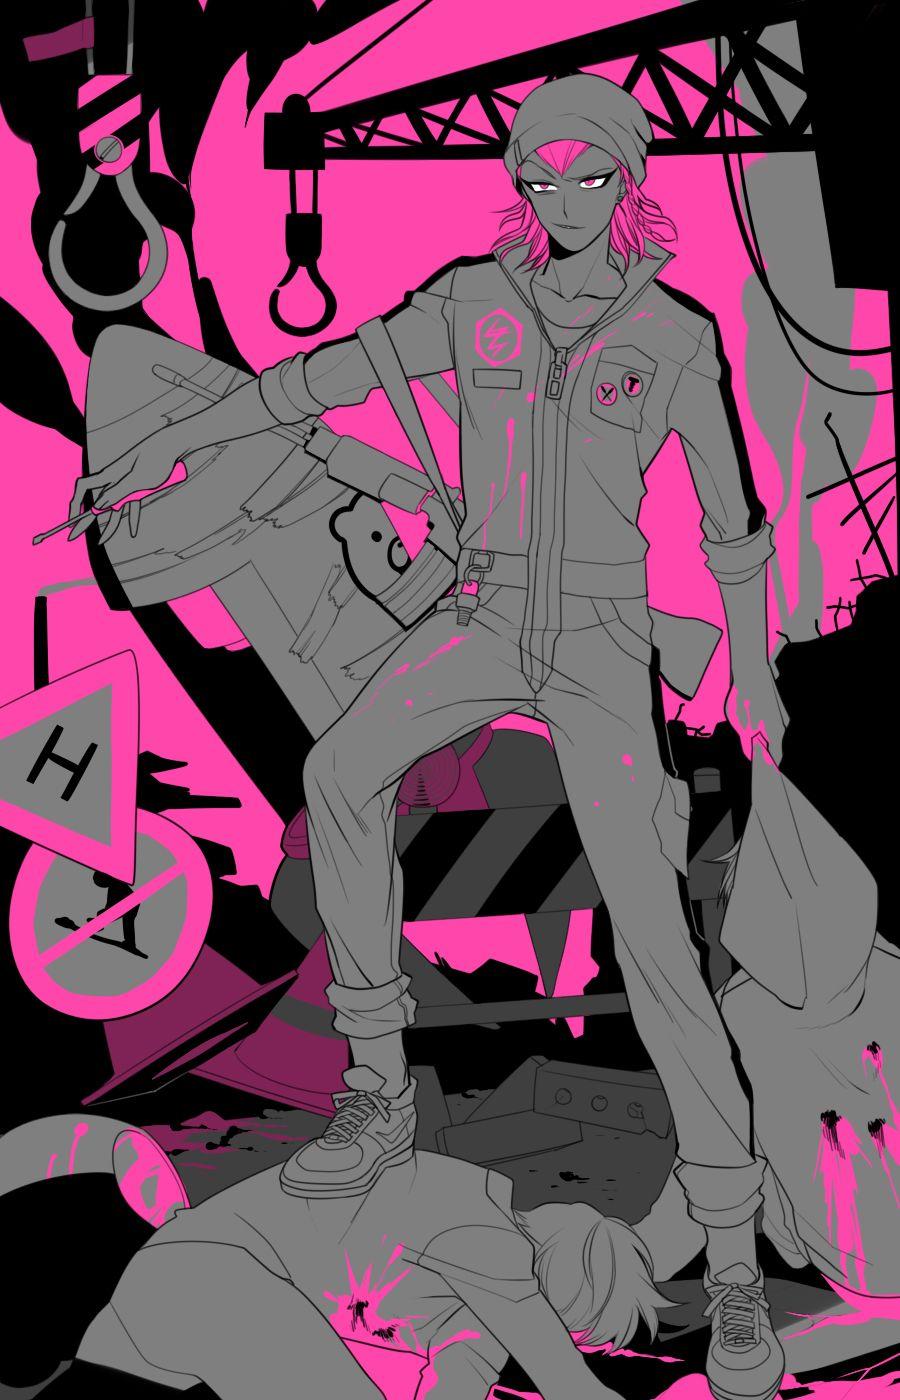 Souda Kazuichi 1601928 Zerochan Danganronpa Super Danganronpa Danganronpa Characters